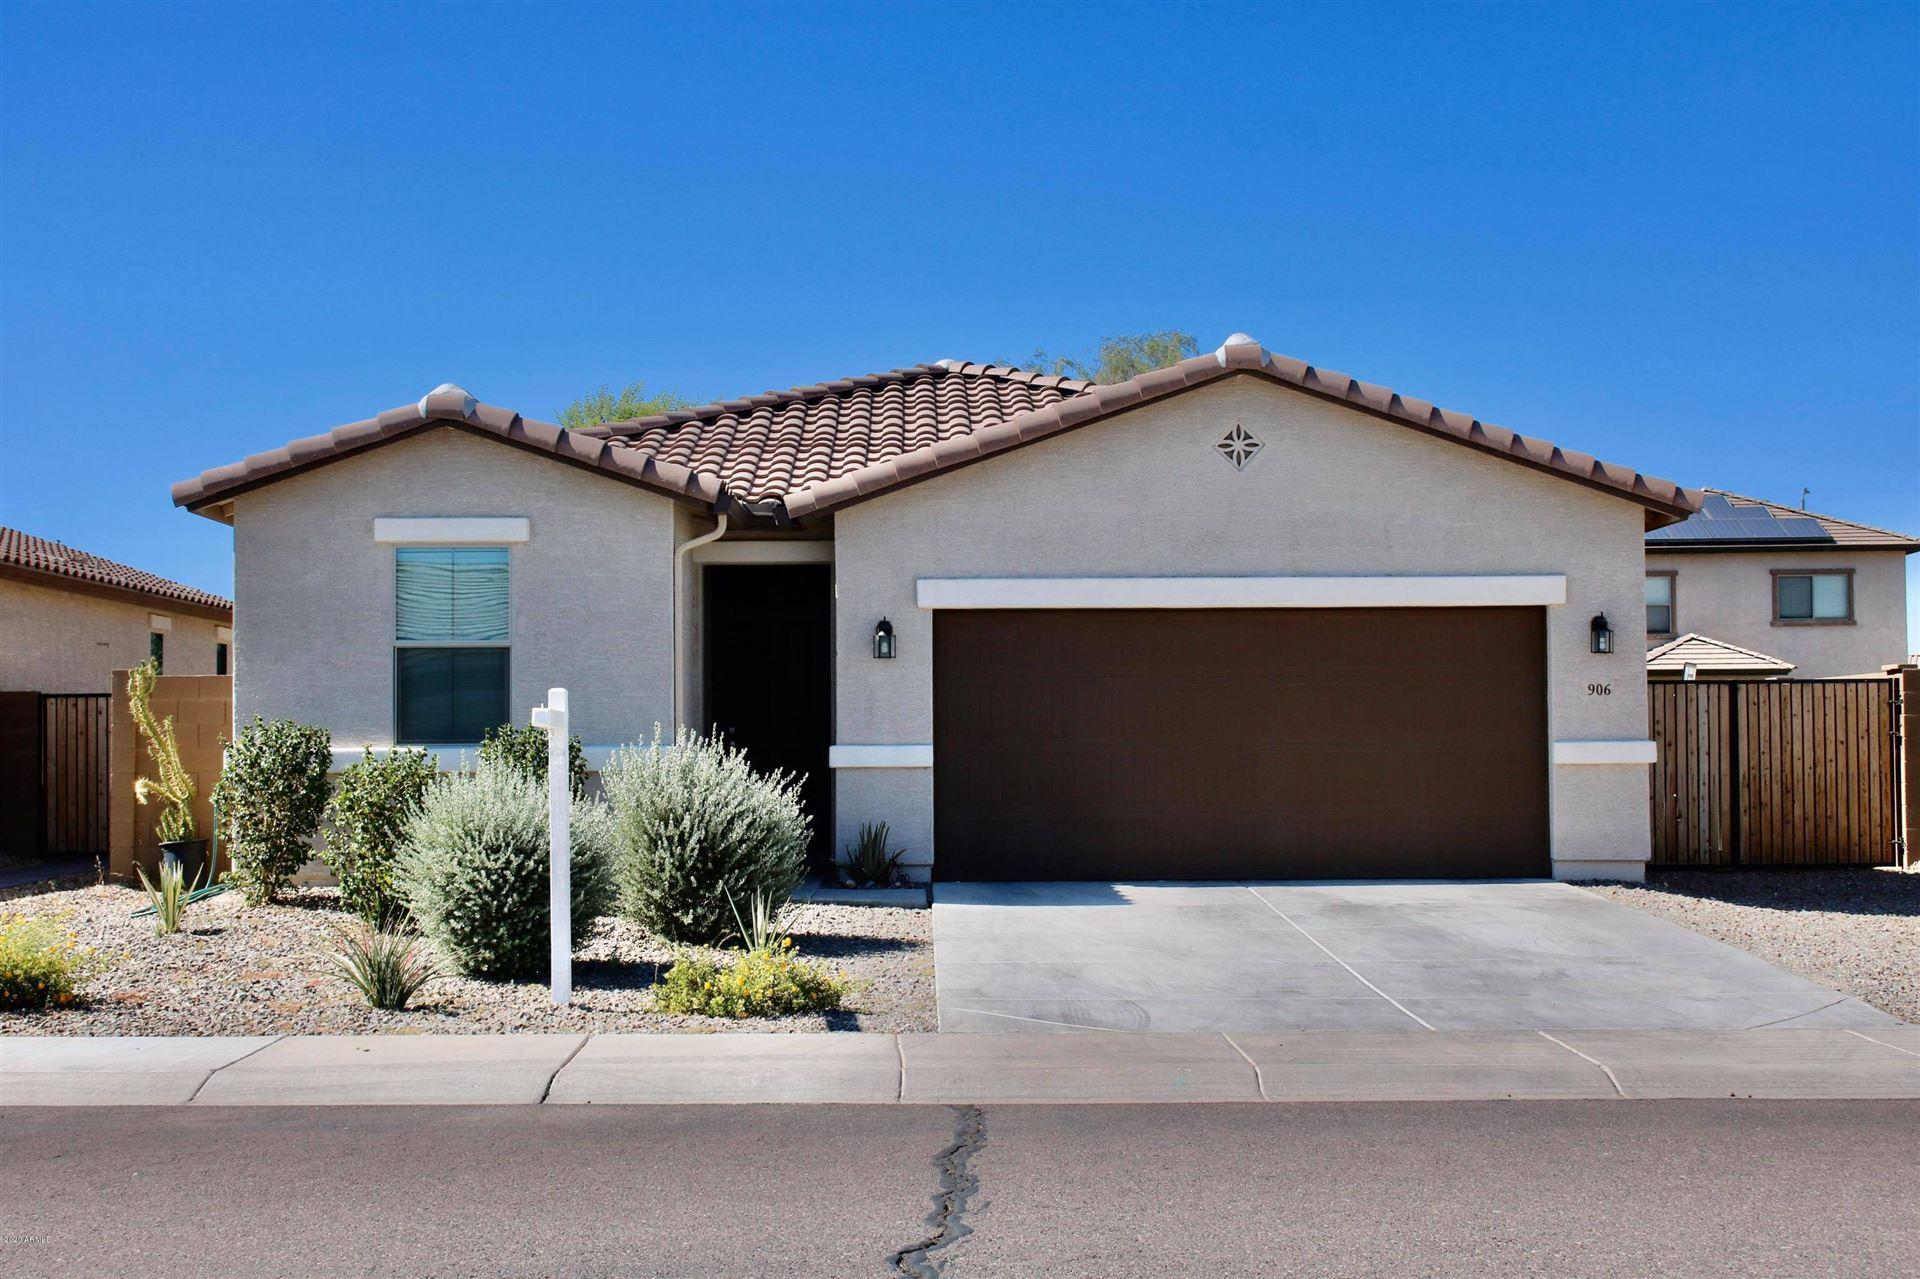 906 E DAVIS Lane, Avondale, AZ 85323 - #: 6099832